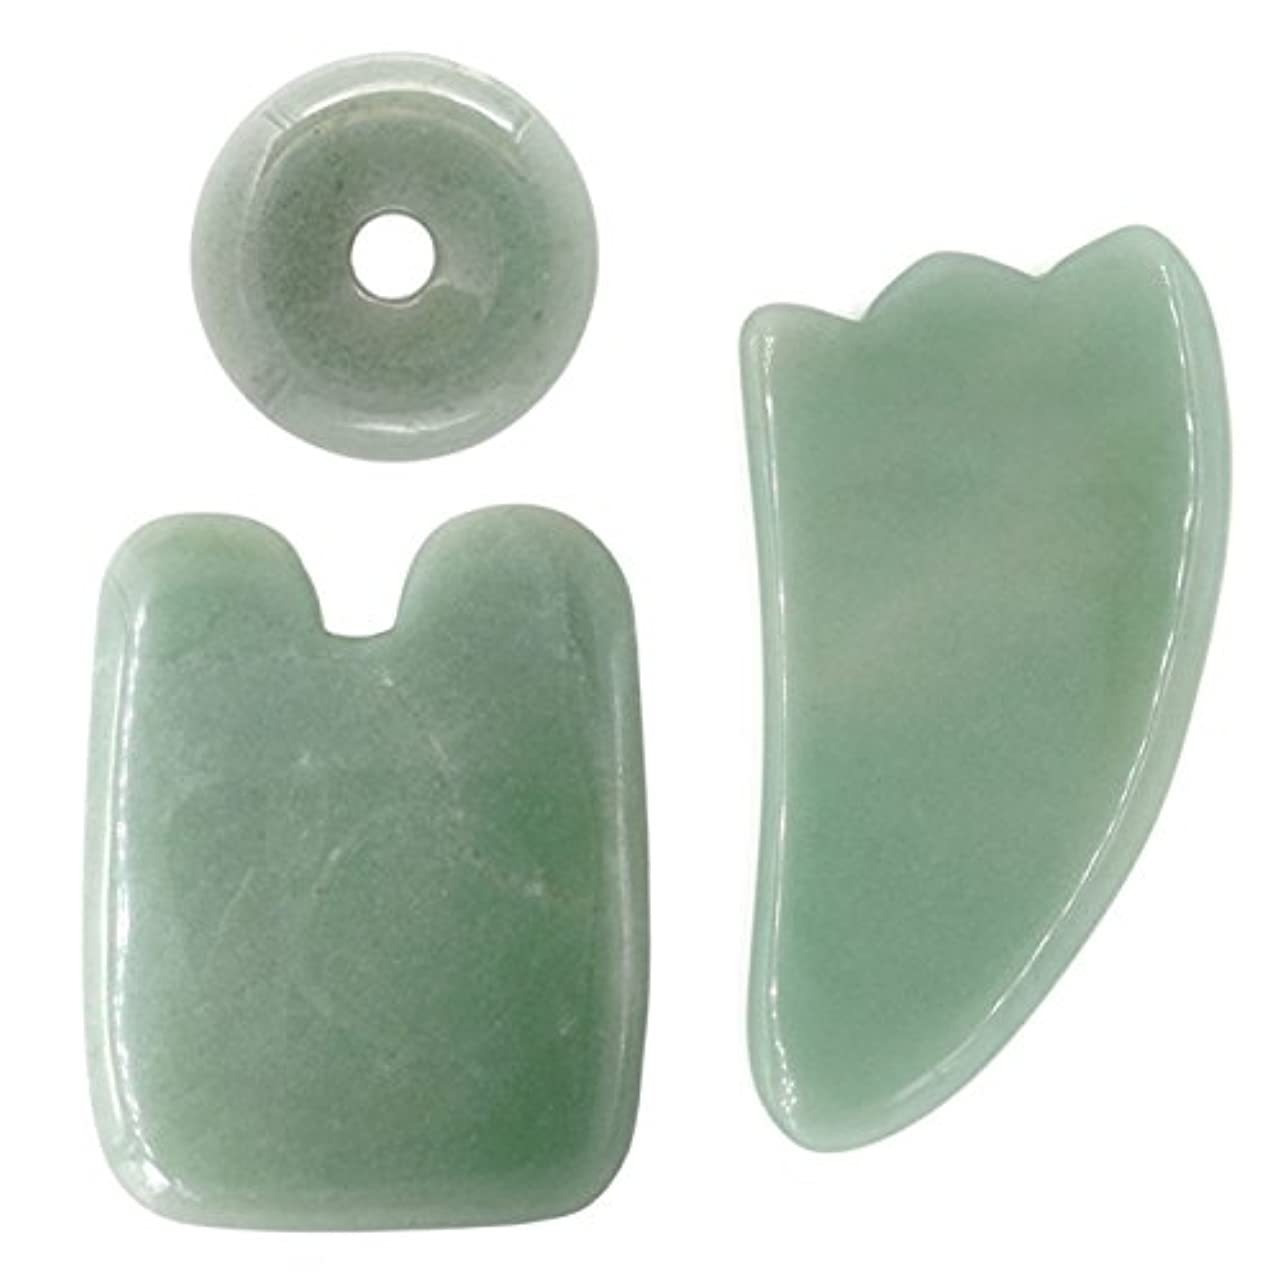 グレートオーク急流議題3点セット3pcsFace / Body Massage Natural Jade Boardかっさプレート 天然石 翡翠(顔?ボディのリンパマッサージ)